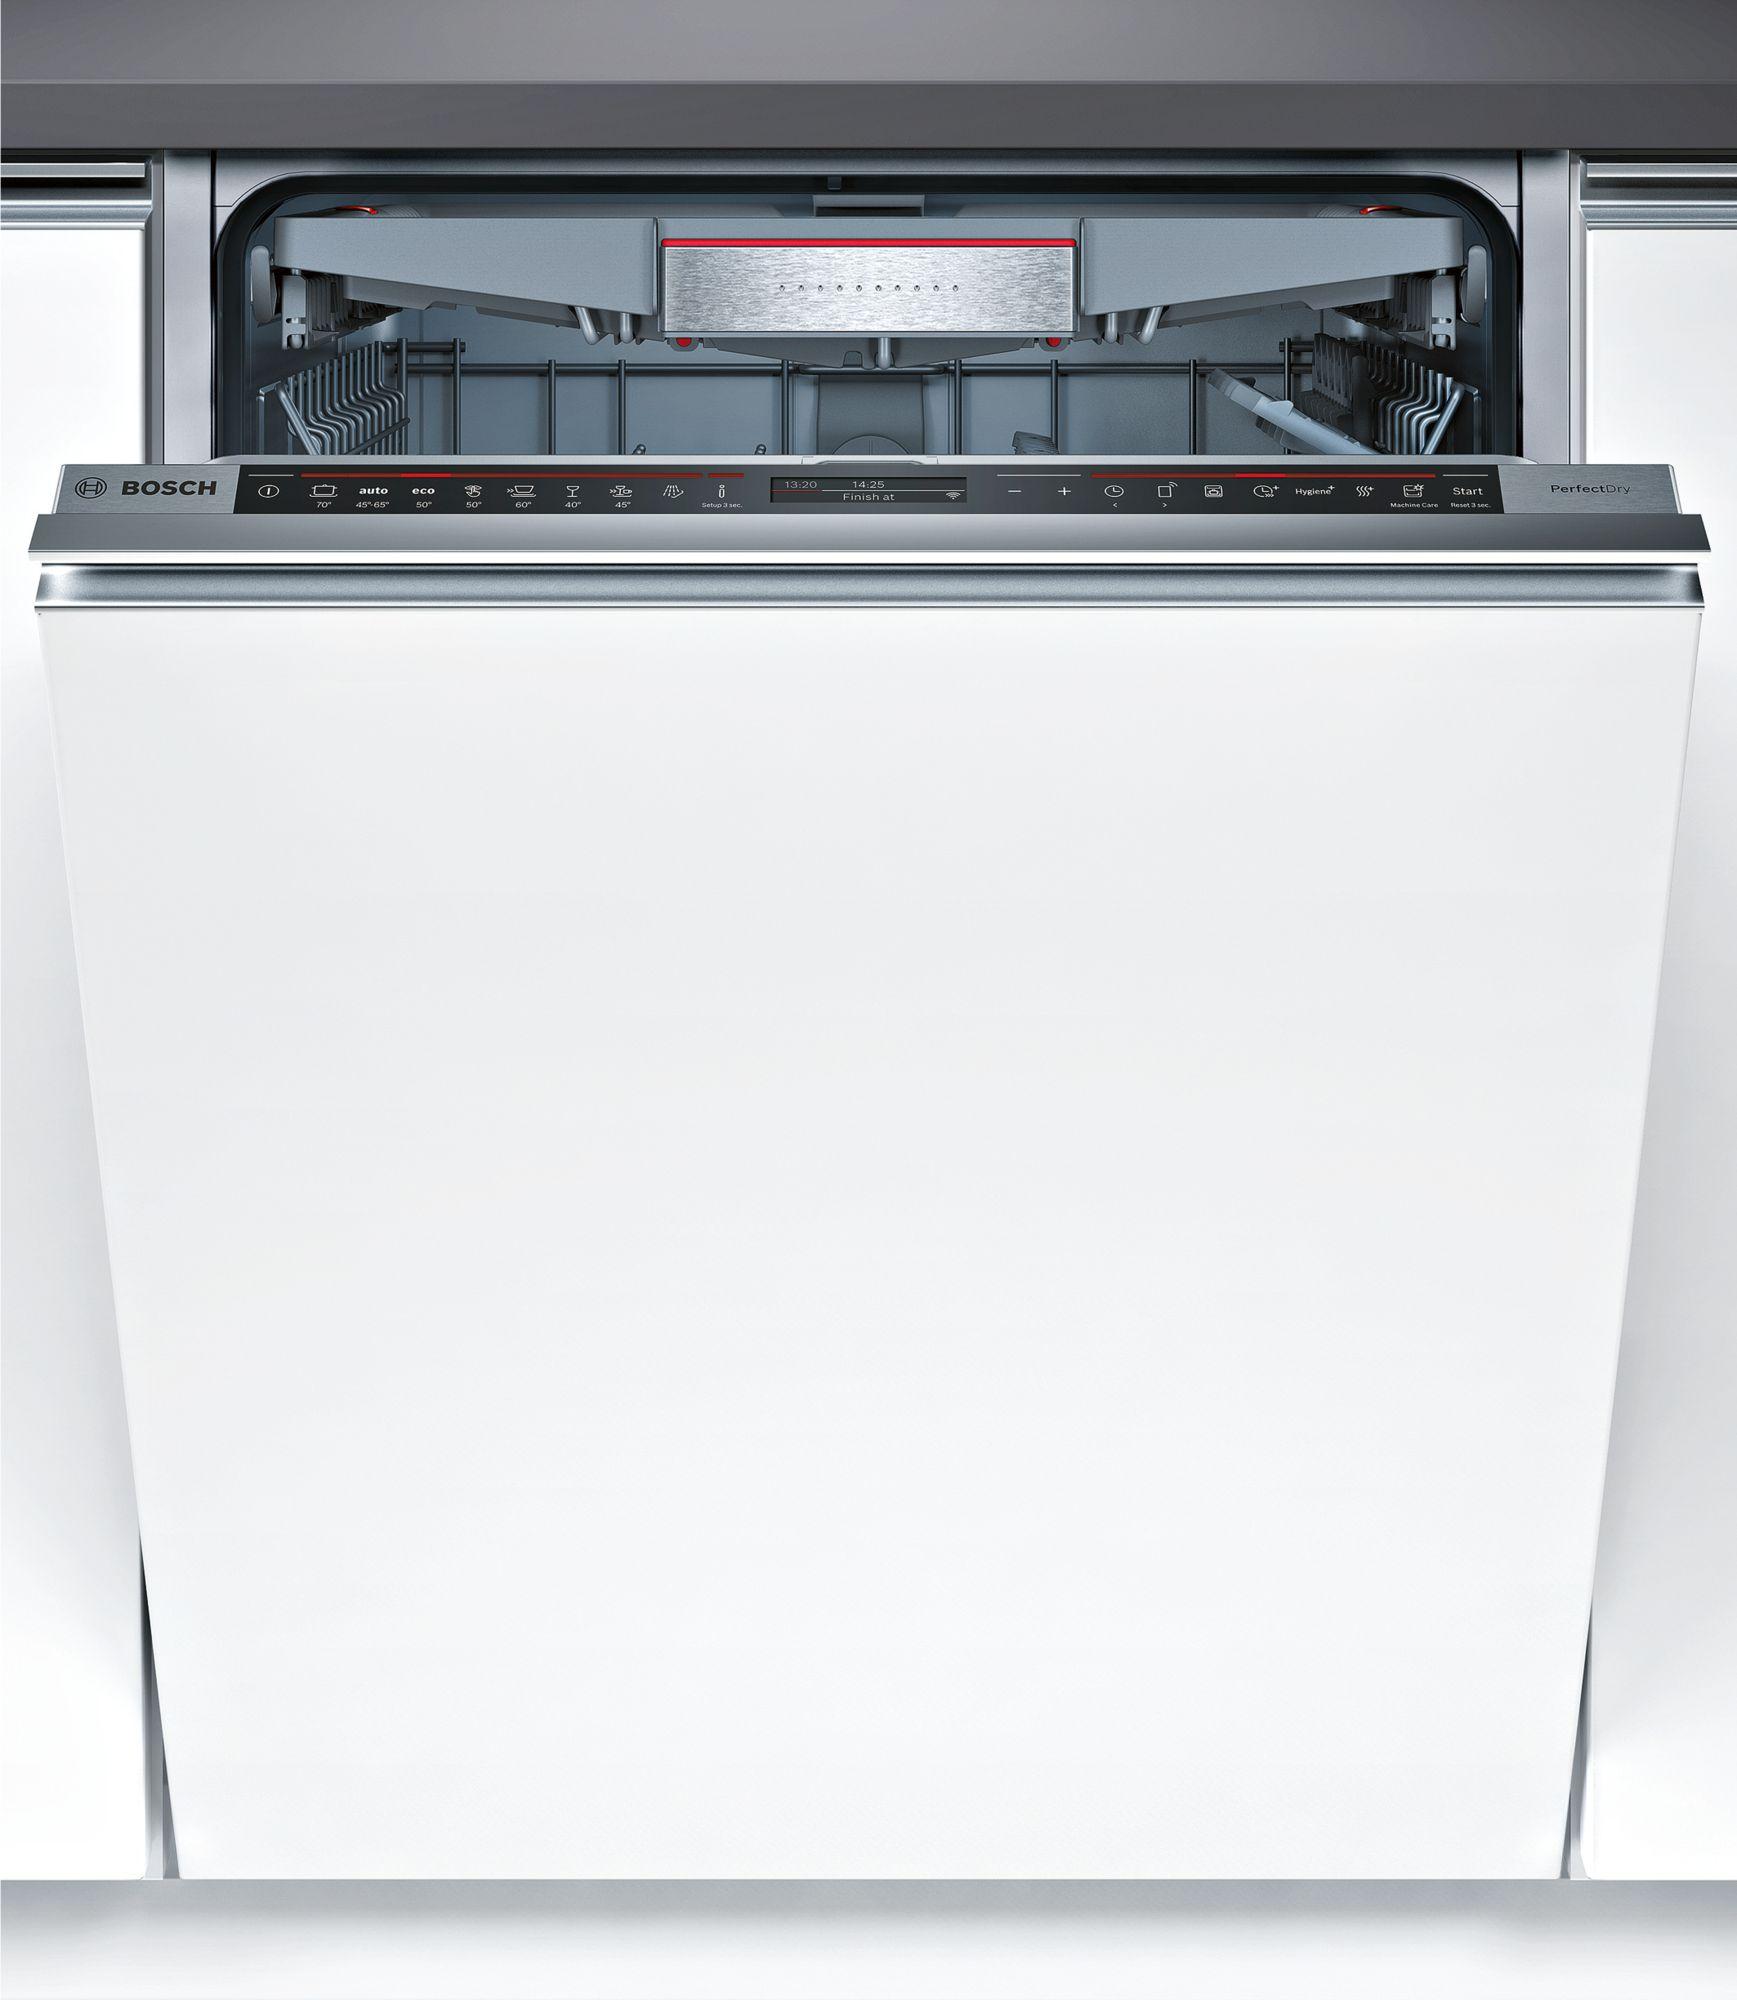 ee07017ffda Bosch SMV88TX46E посудомоечная машина, полностью встраиваемая, цена со  скидкой 700 ...